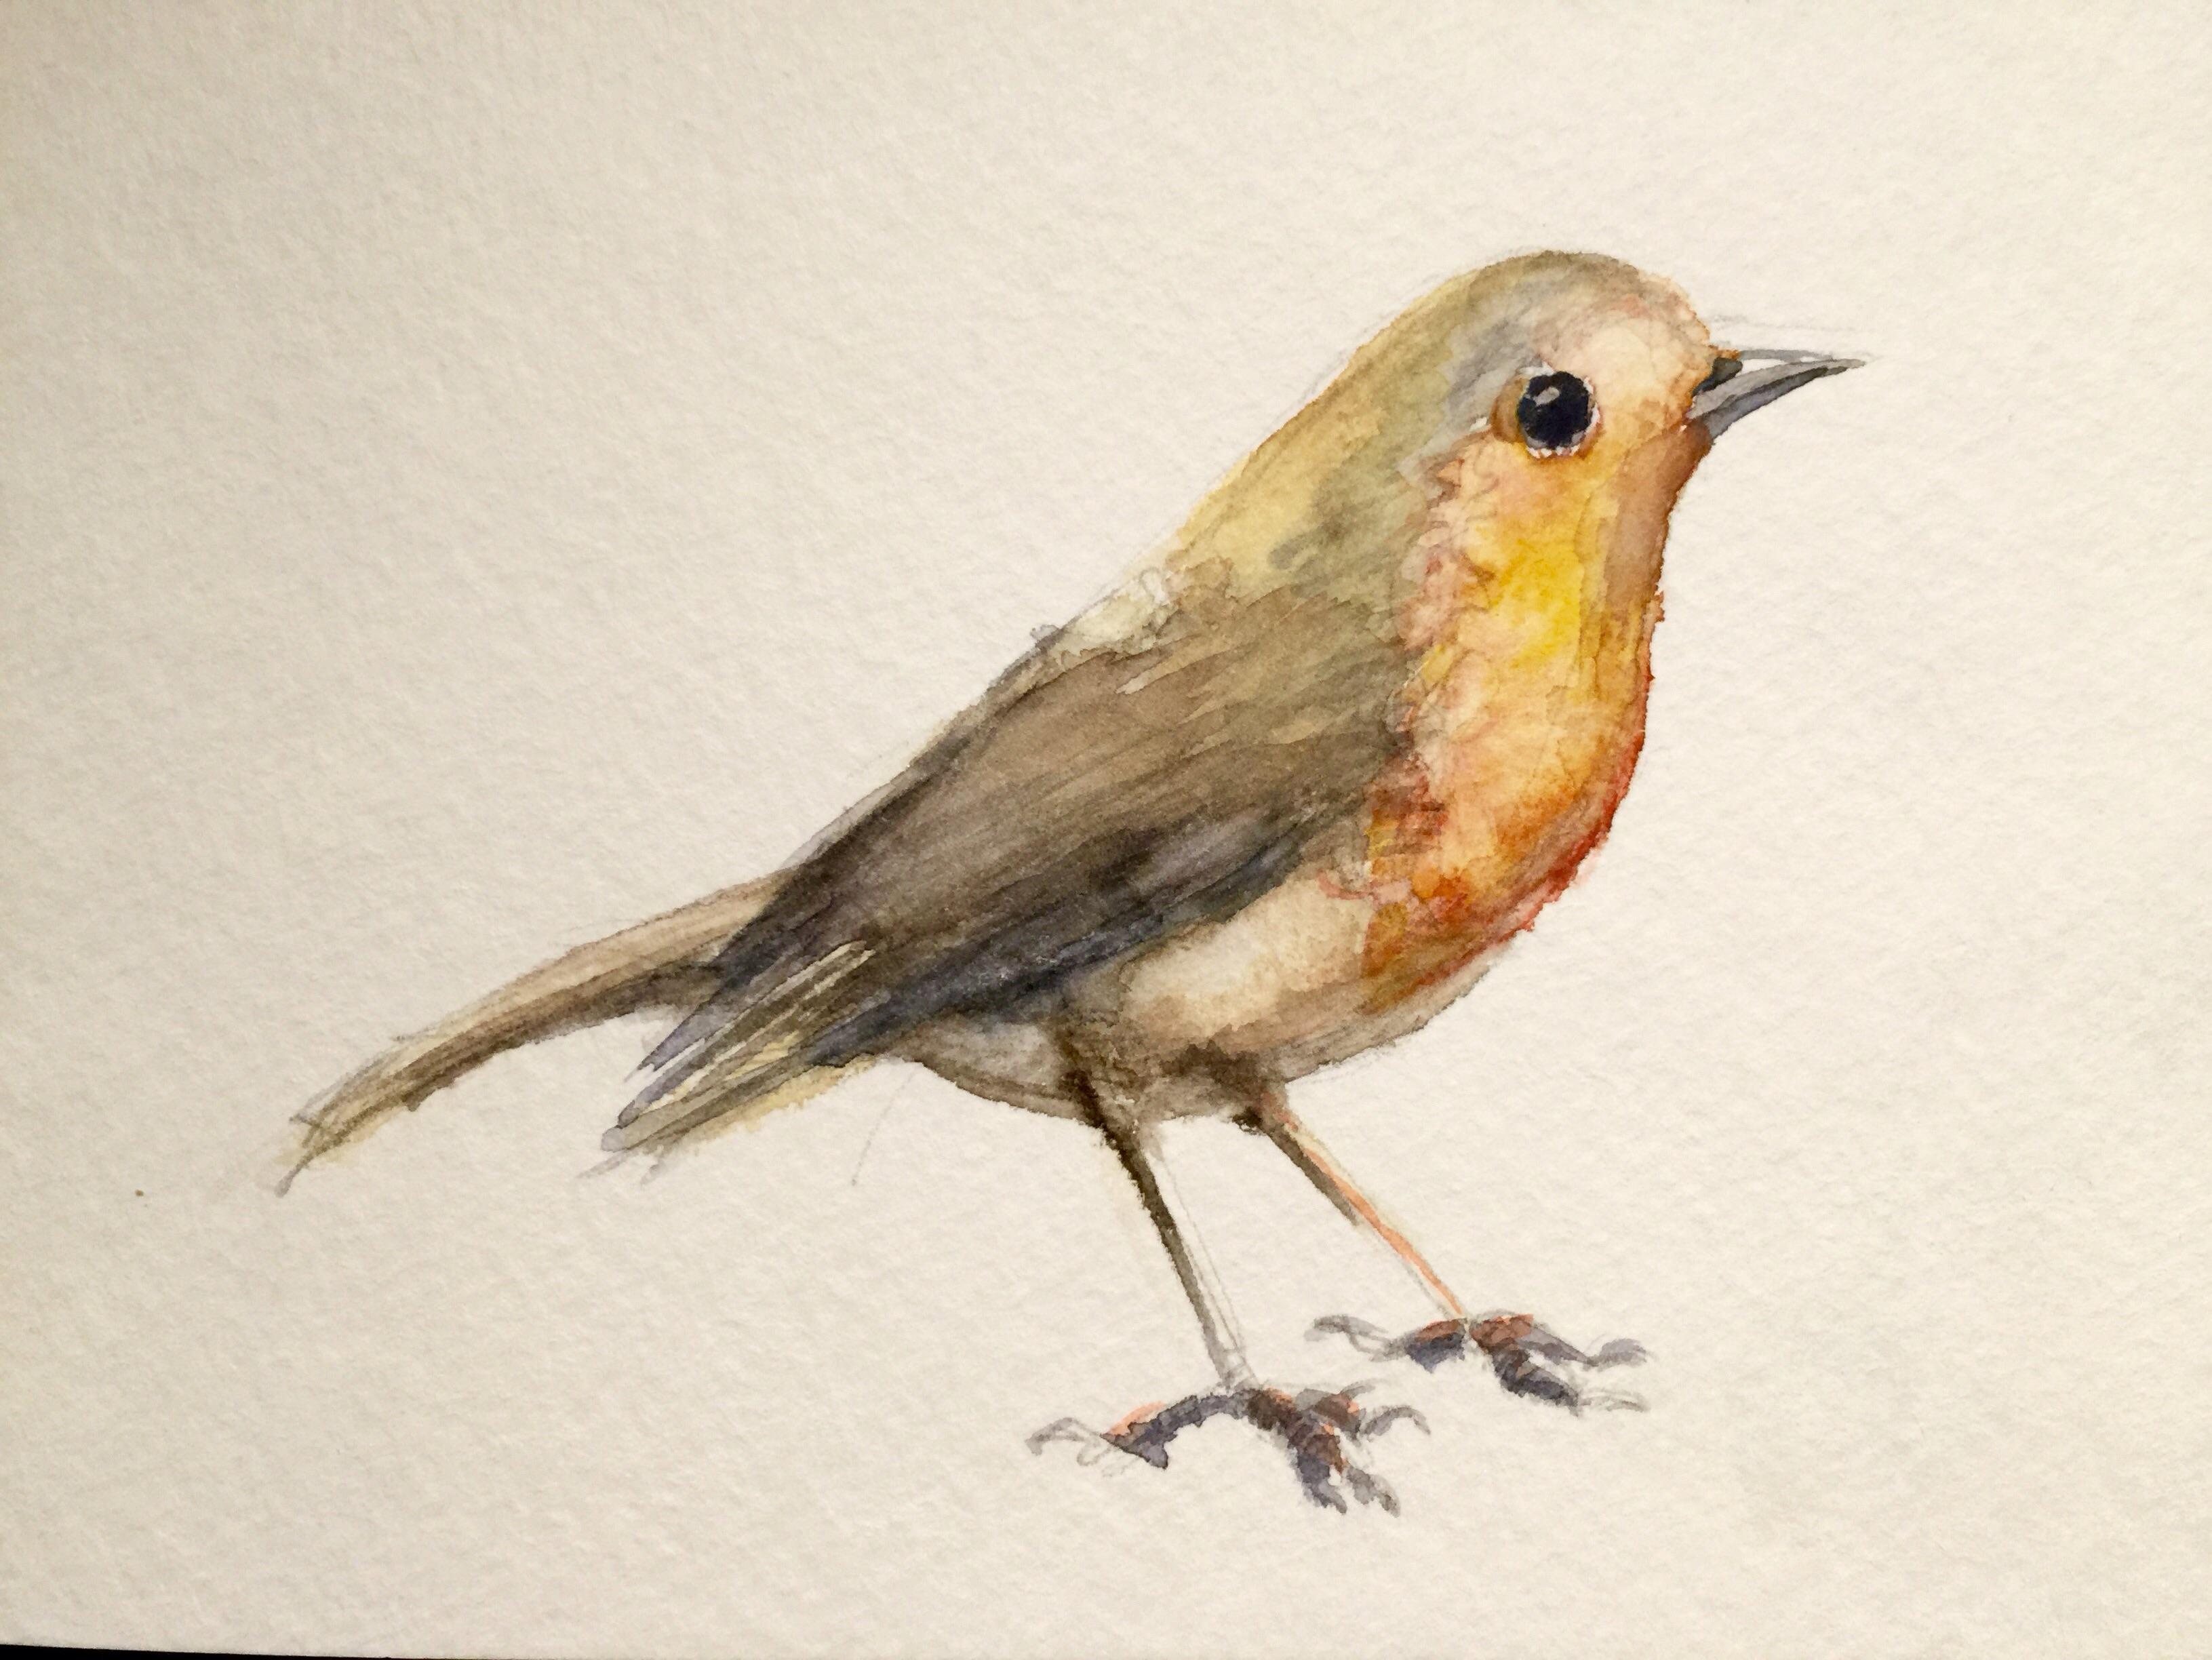 A Bird in watercolor